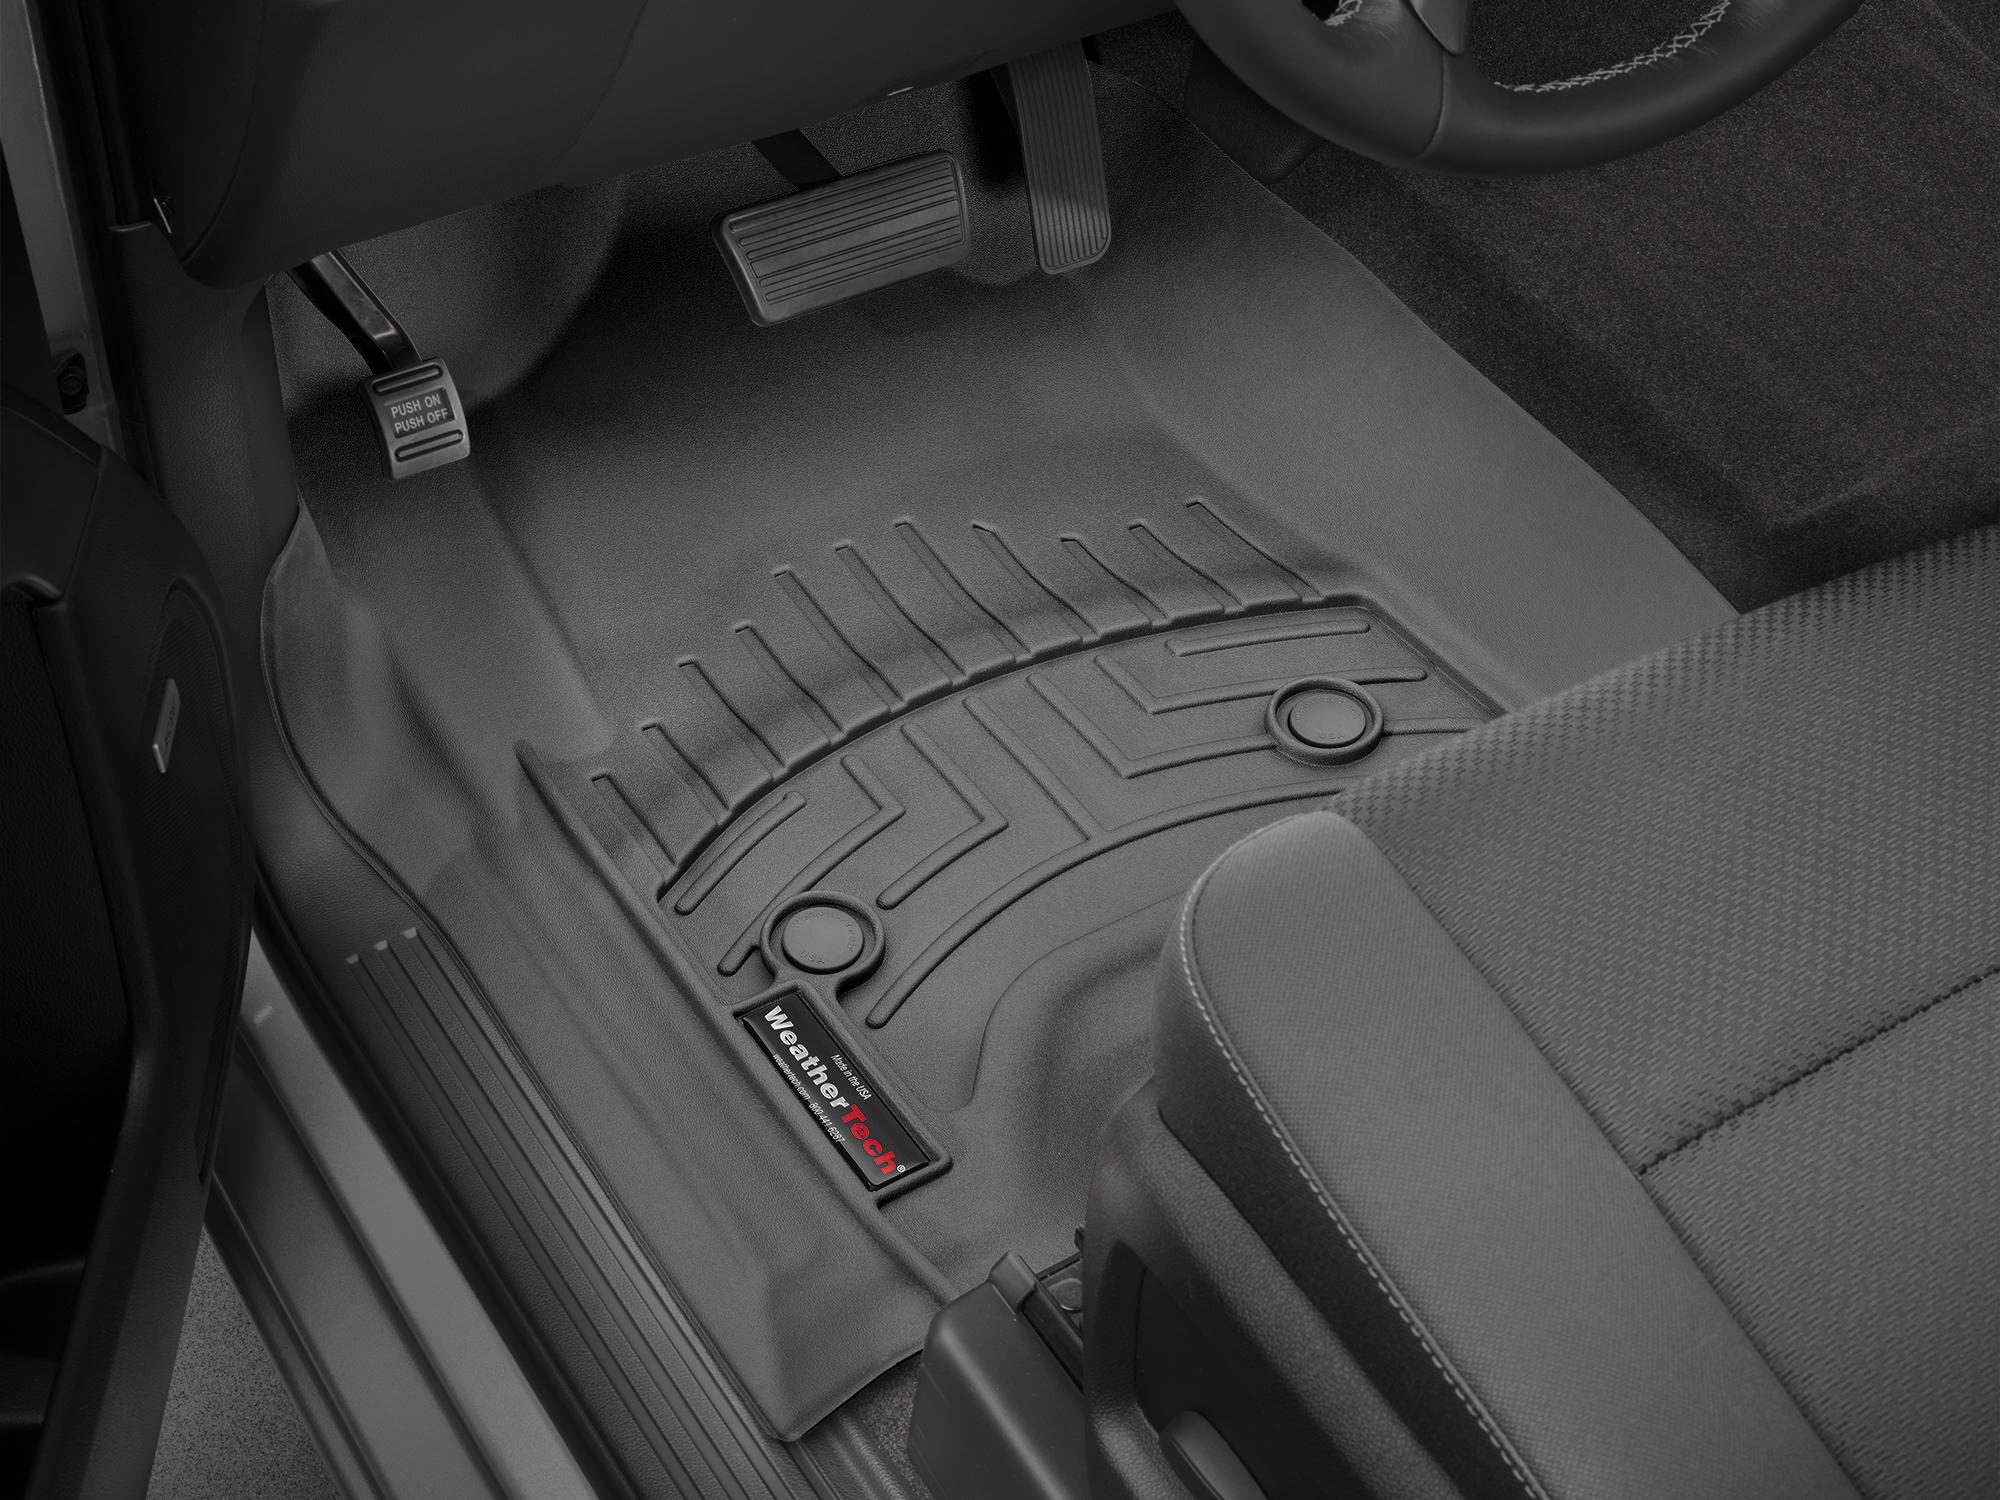 Tappeti gomma su misura bordo alto Chevrolet Silverado 15>17 Nero A200